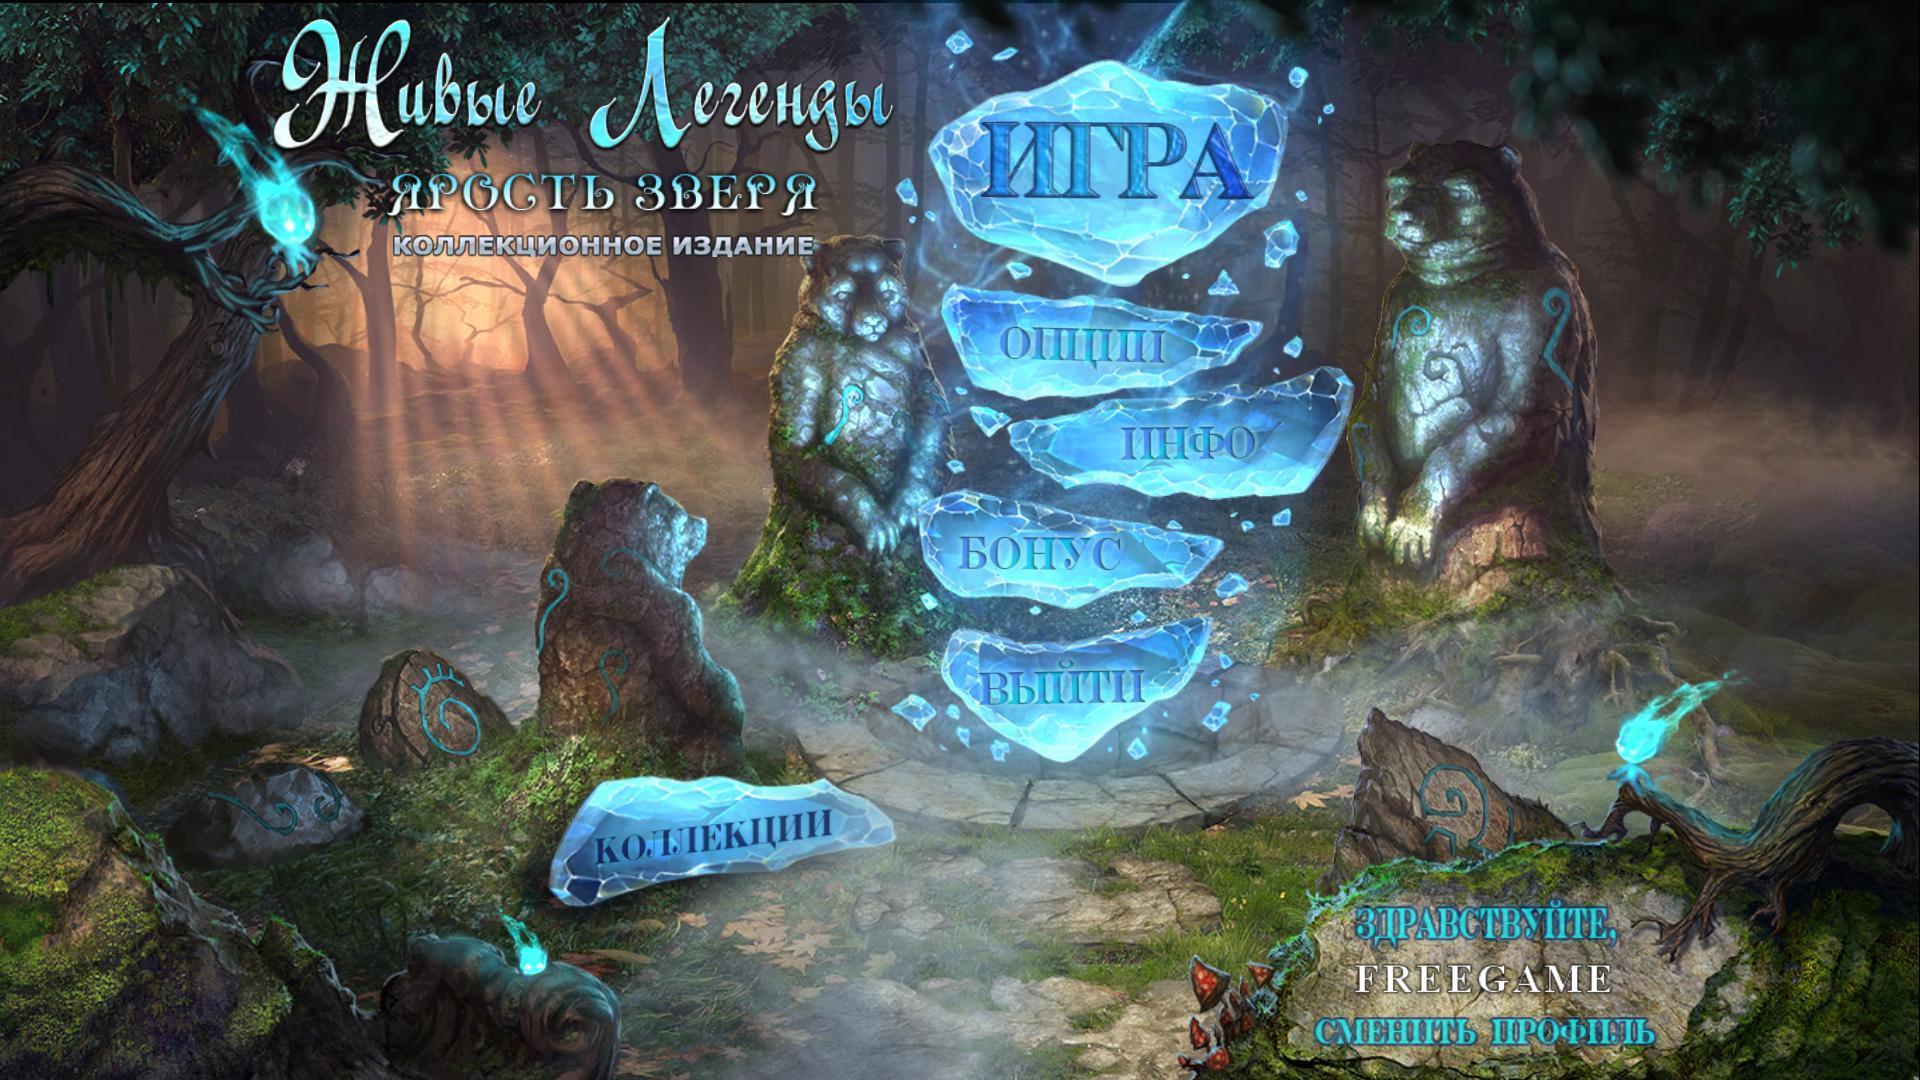 Живые Легенды 3: Ярость Зверя. Коллекционное издание | Living Legends 3: Wrath of the Beast CE (Rus)